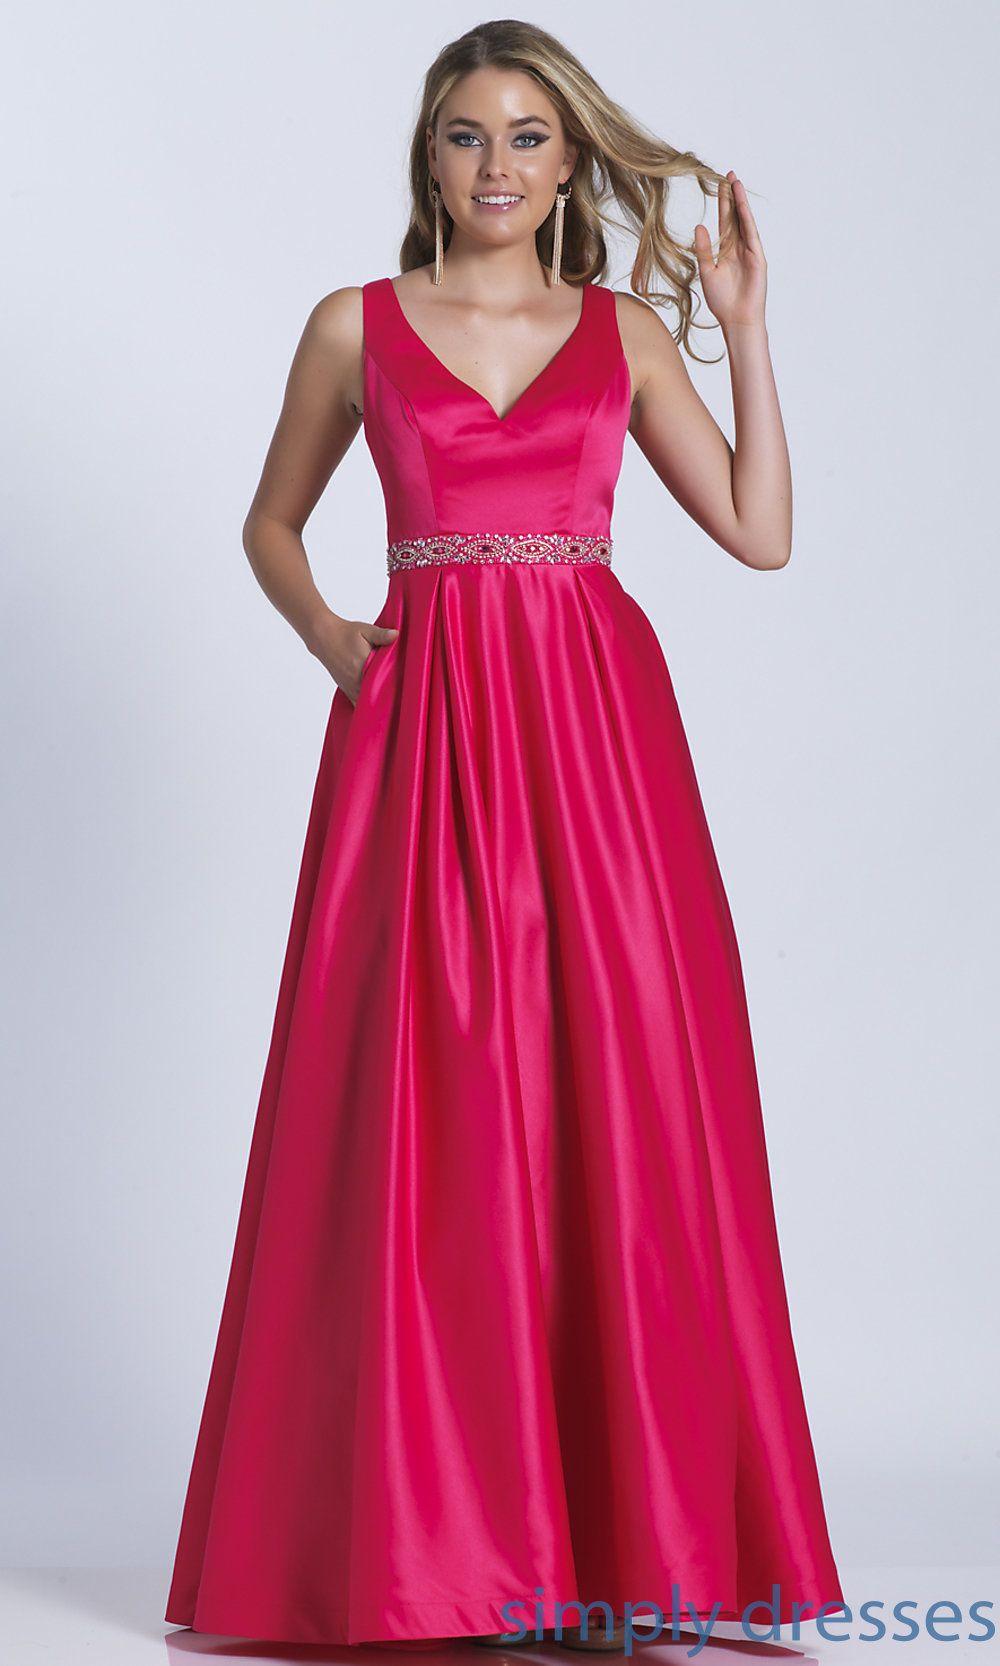 Dj box pleated long vneck prom dress dress formal dress